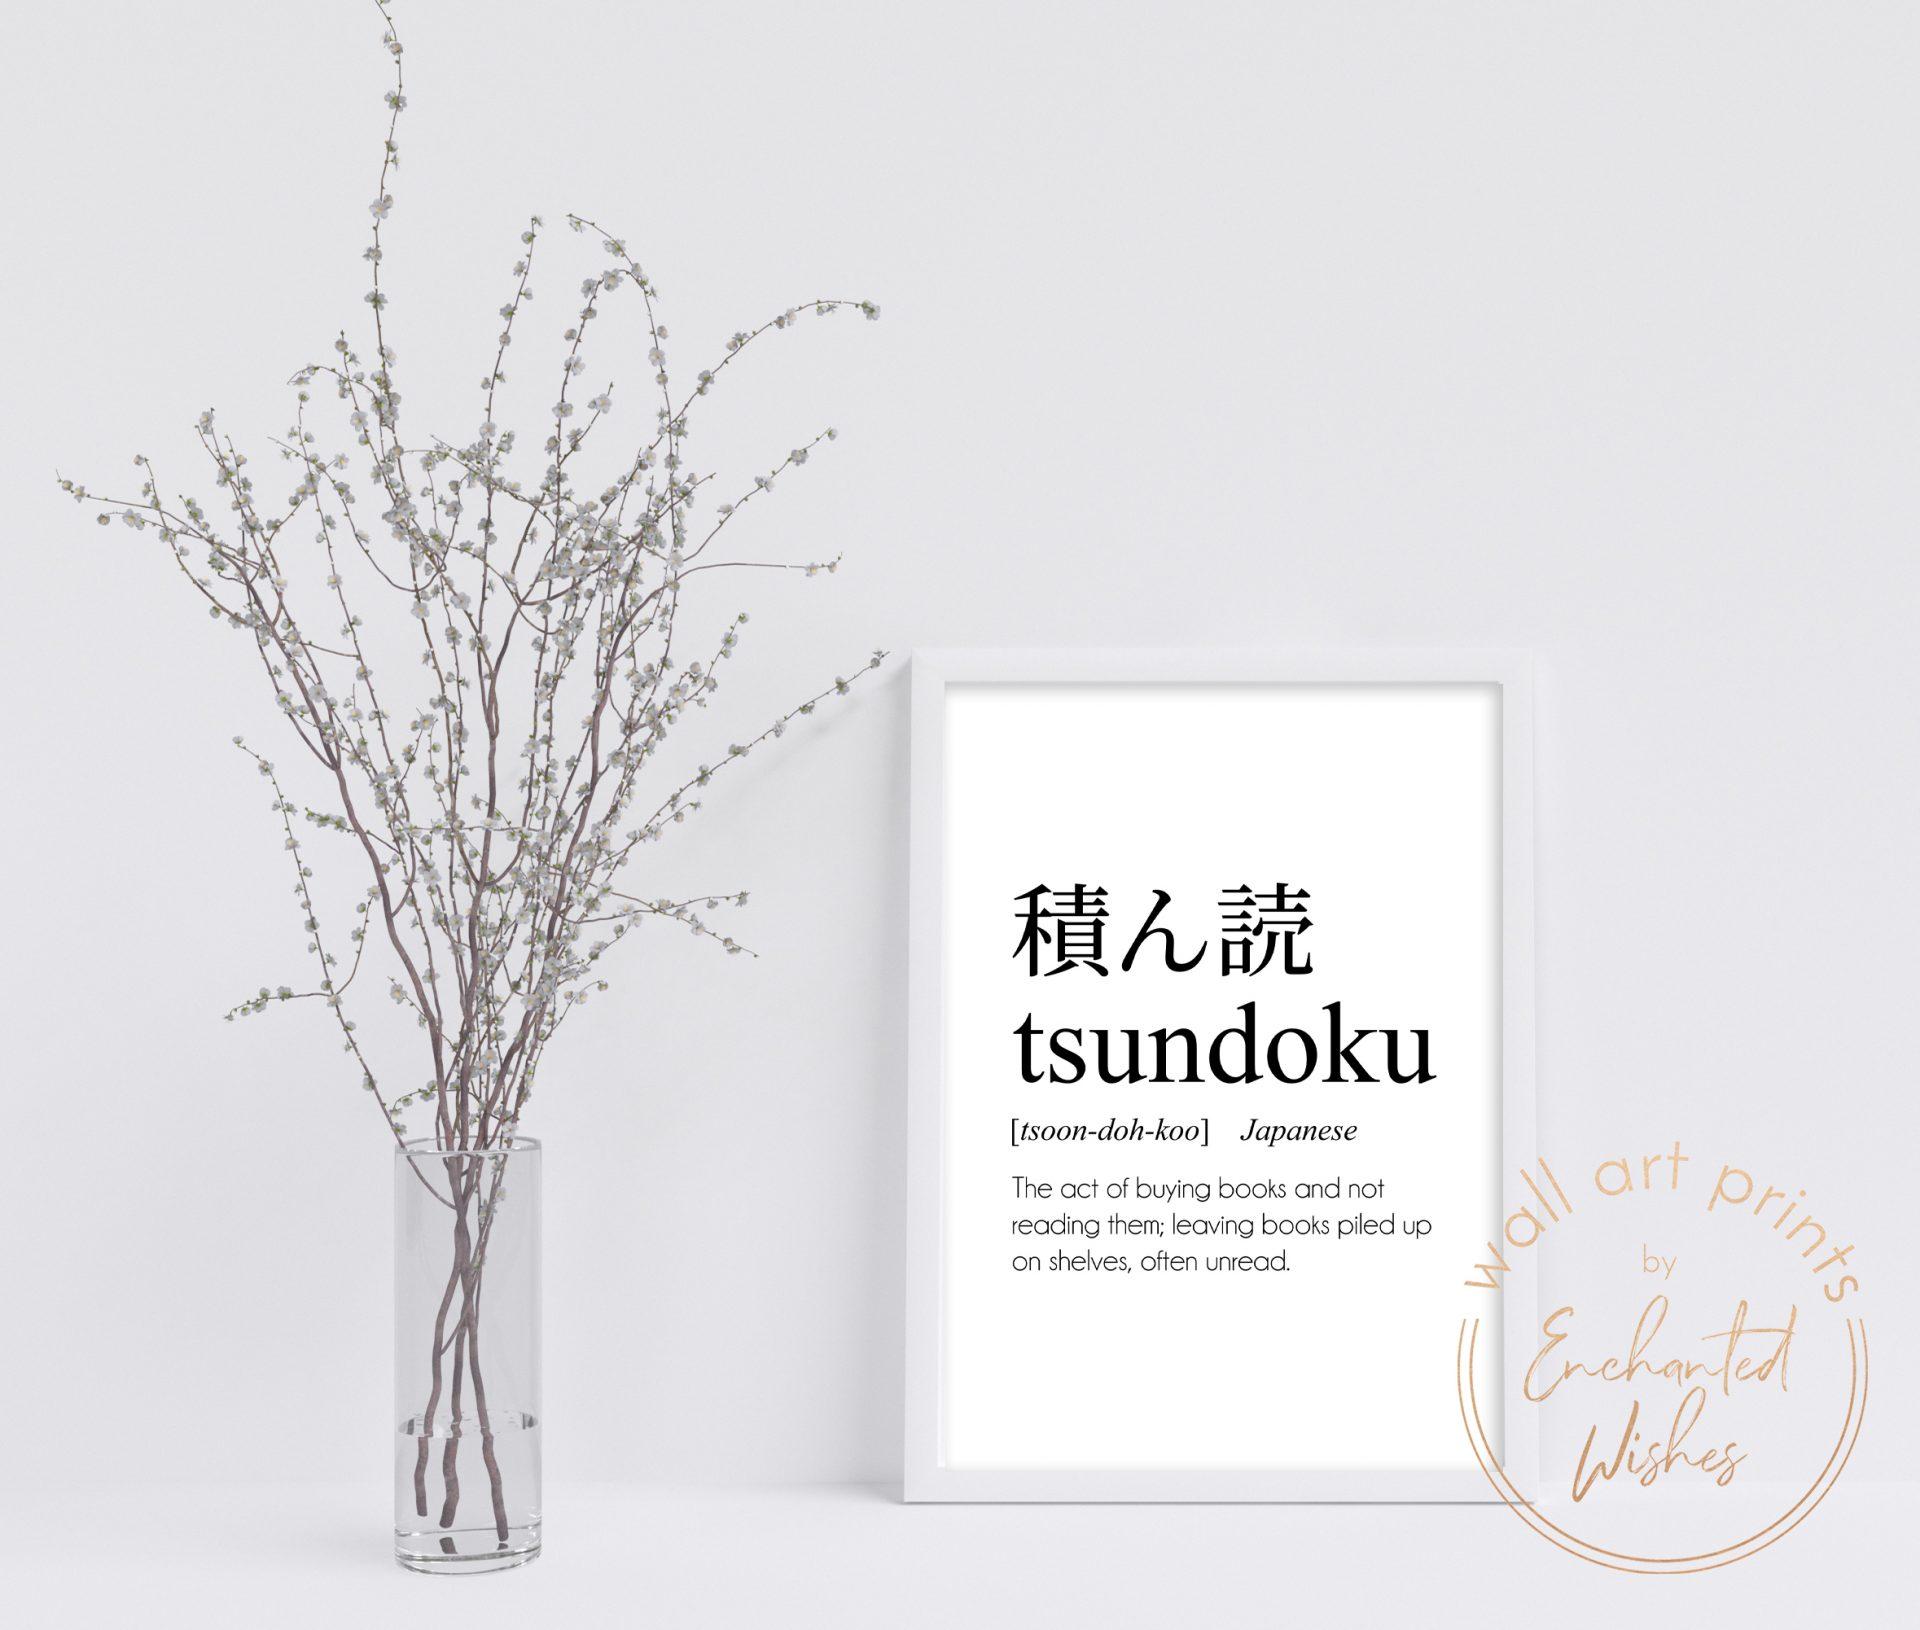 Tsundoku definition print